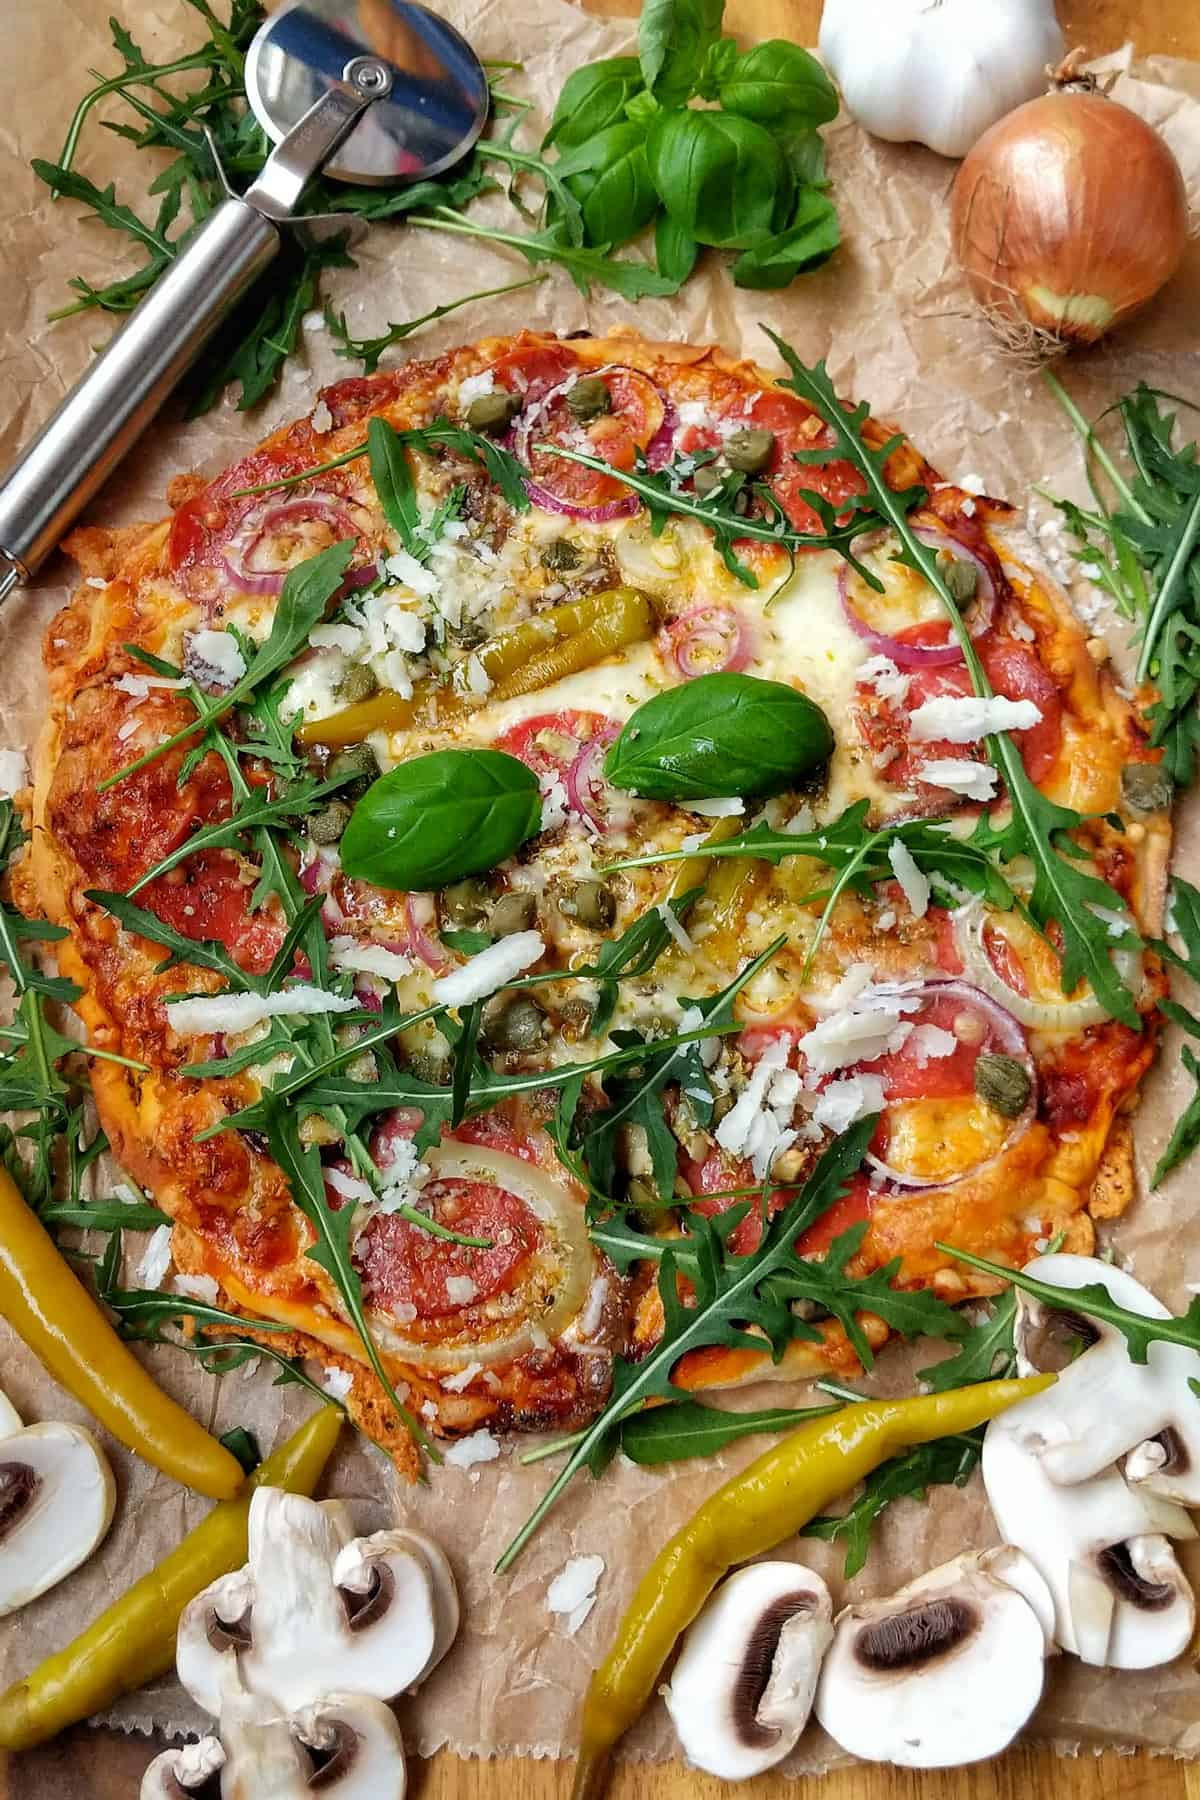 Eine Pizza auf einem Backpapier. Aussenrum Gemüse als Deko.